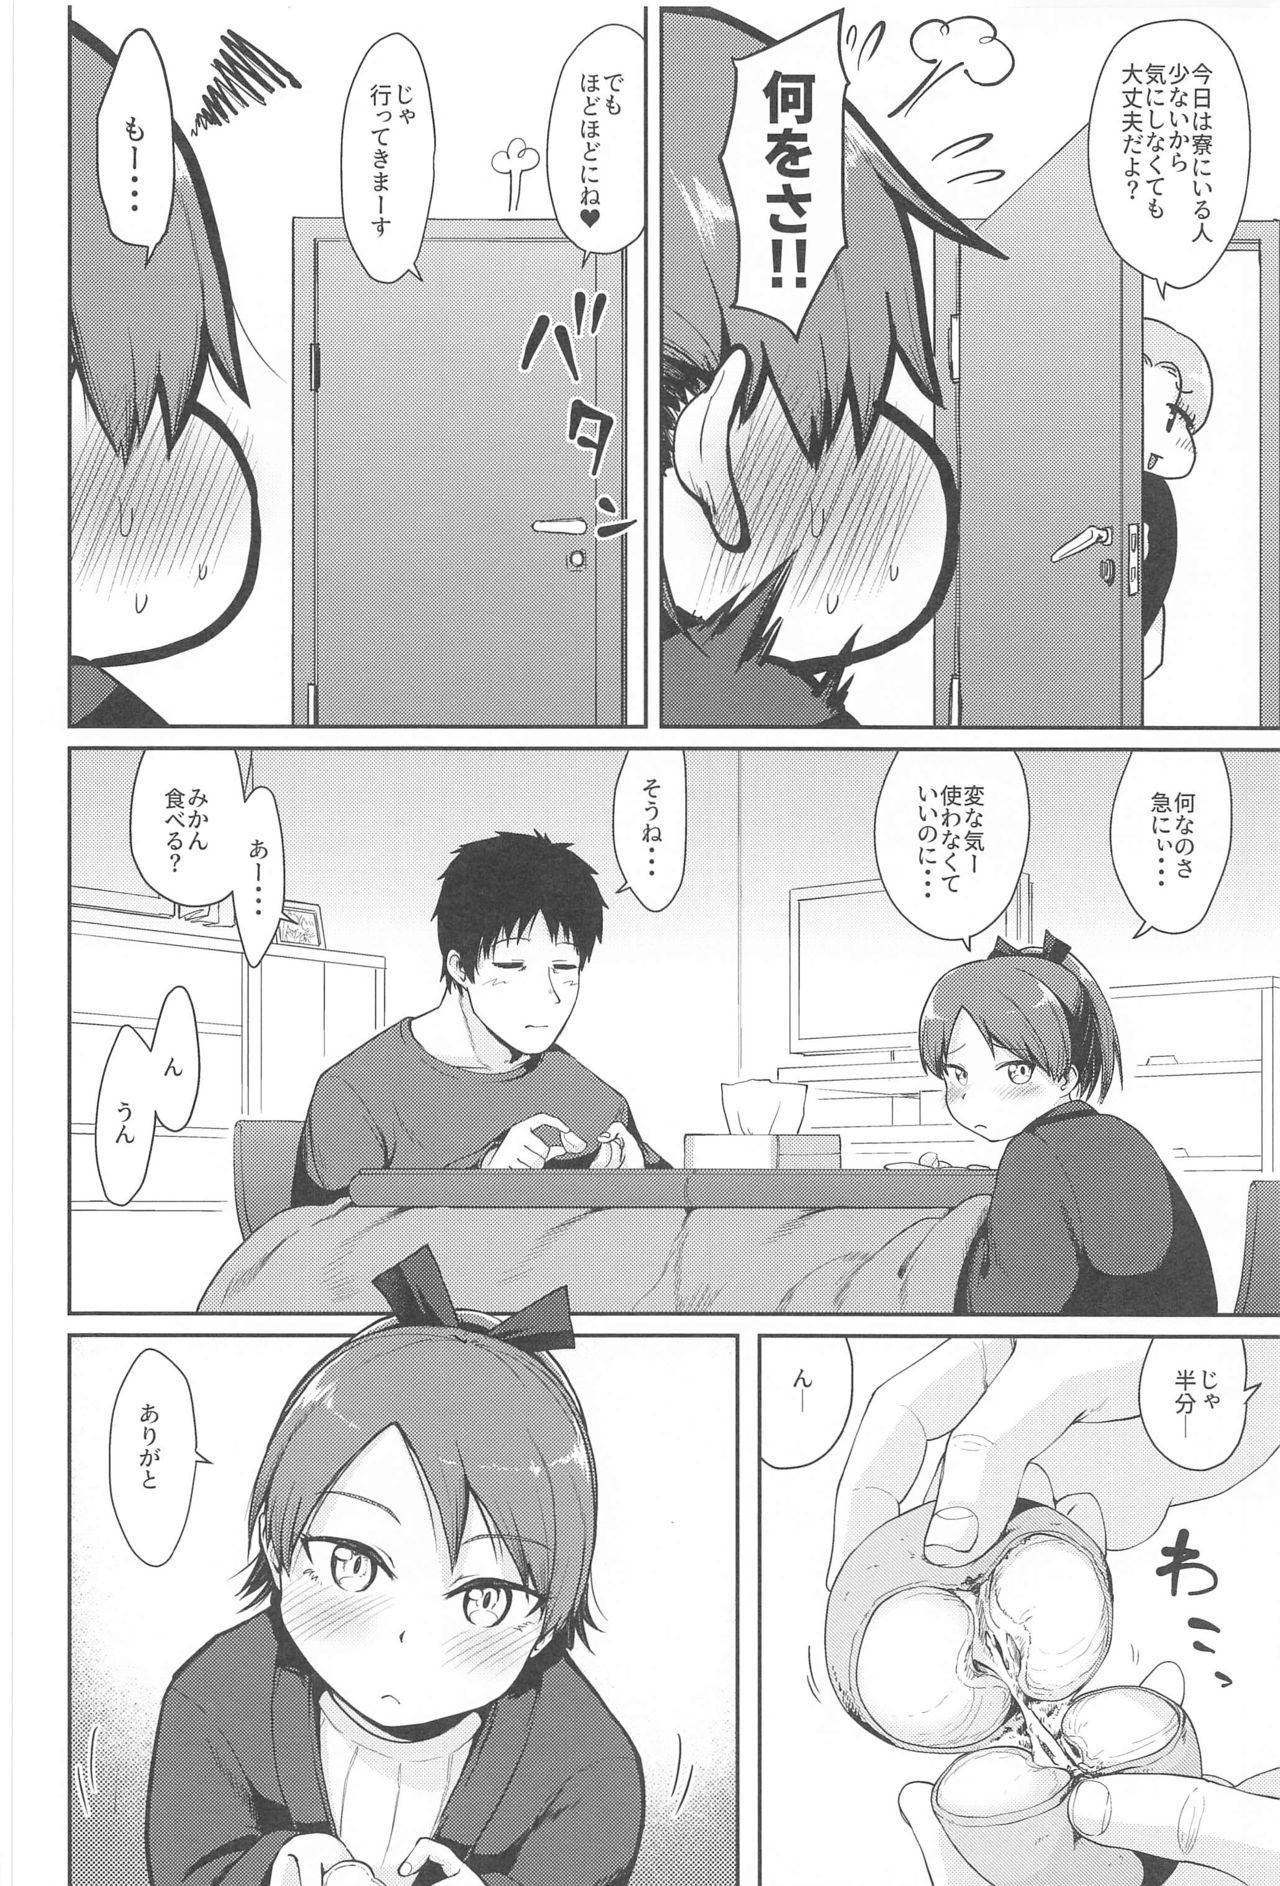 Shikinami Aiai Kotatsu 4